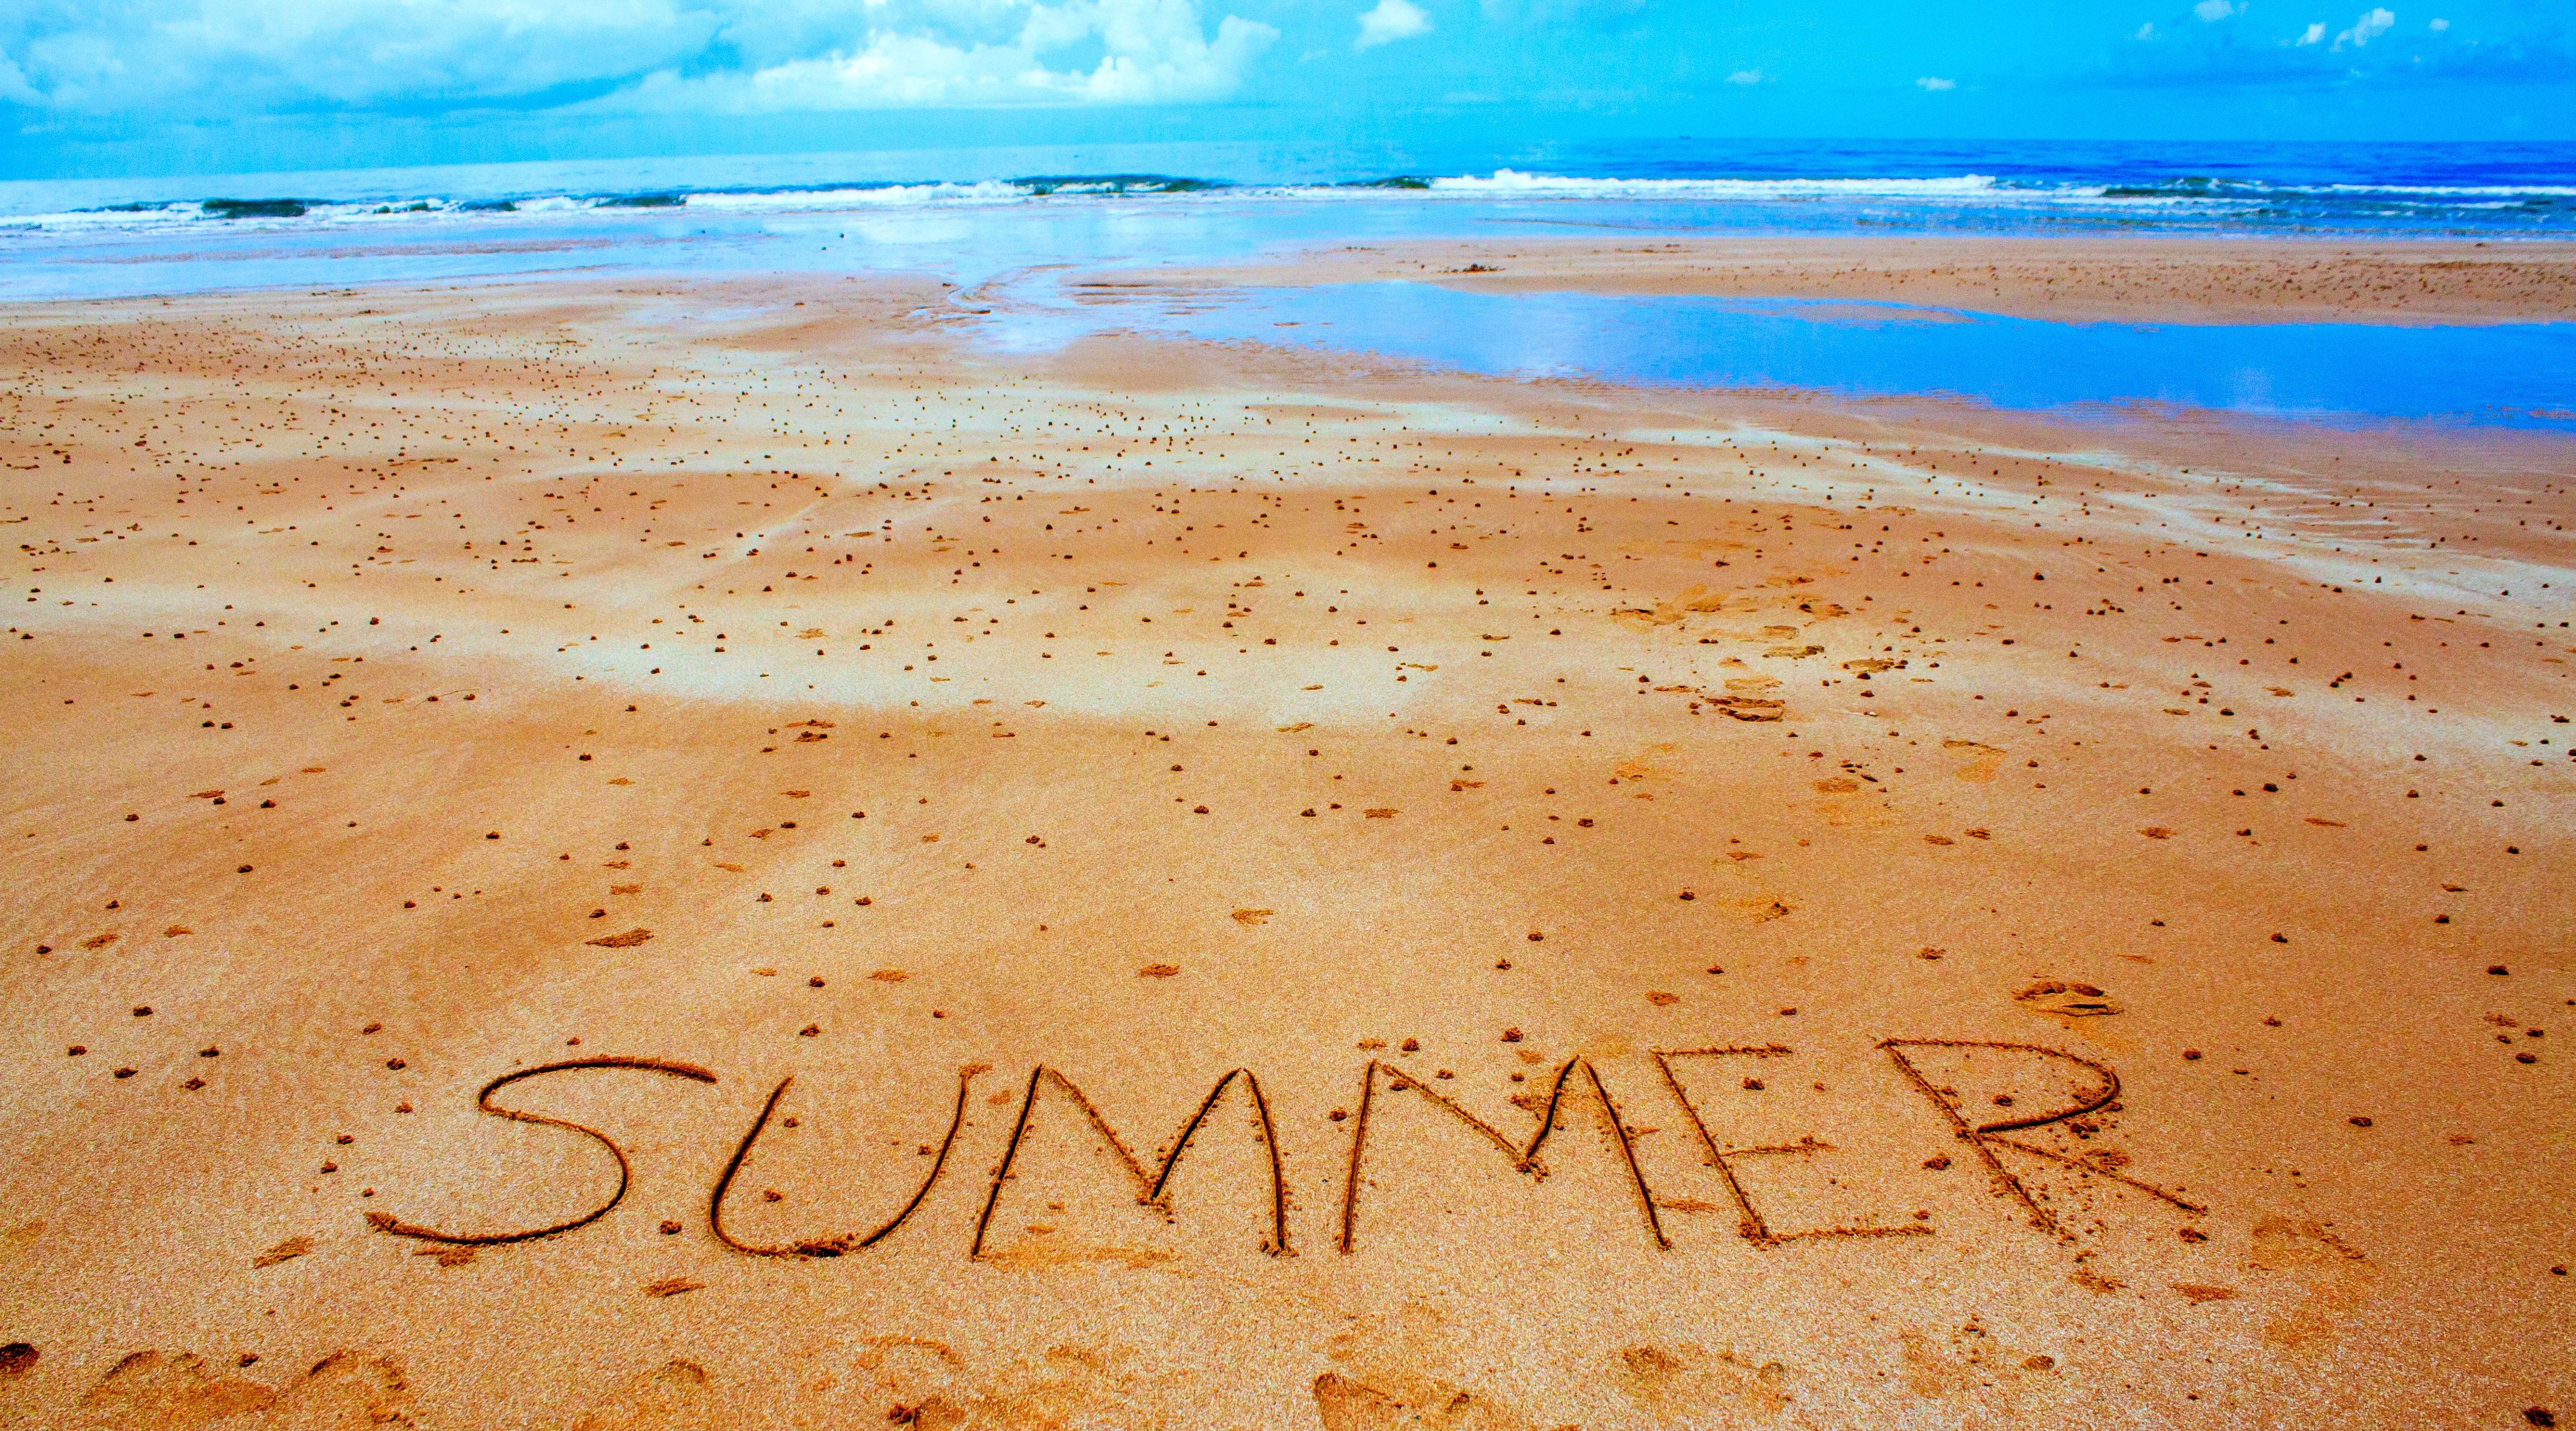 6360674336071809371372992366-6360126330044223331084066-summer.jpg